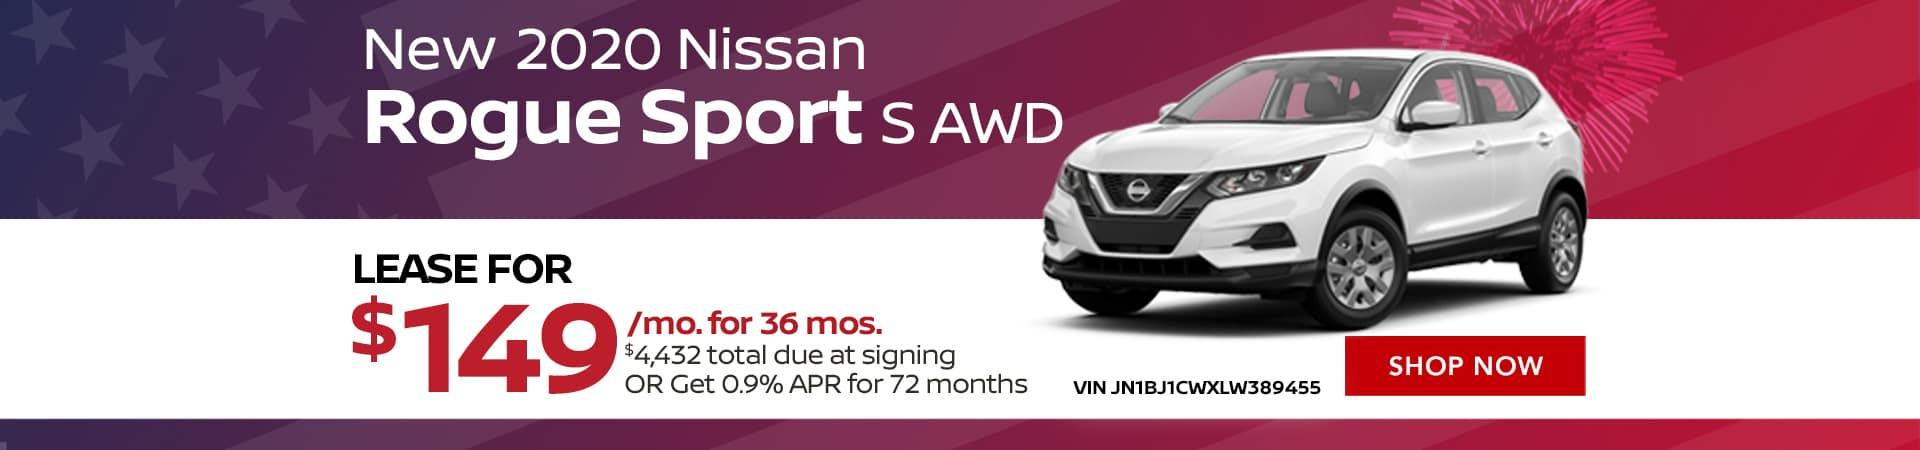 JRN_1920x450_New 2020 Nissan _Rogue Sport S AWD__0221